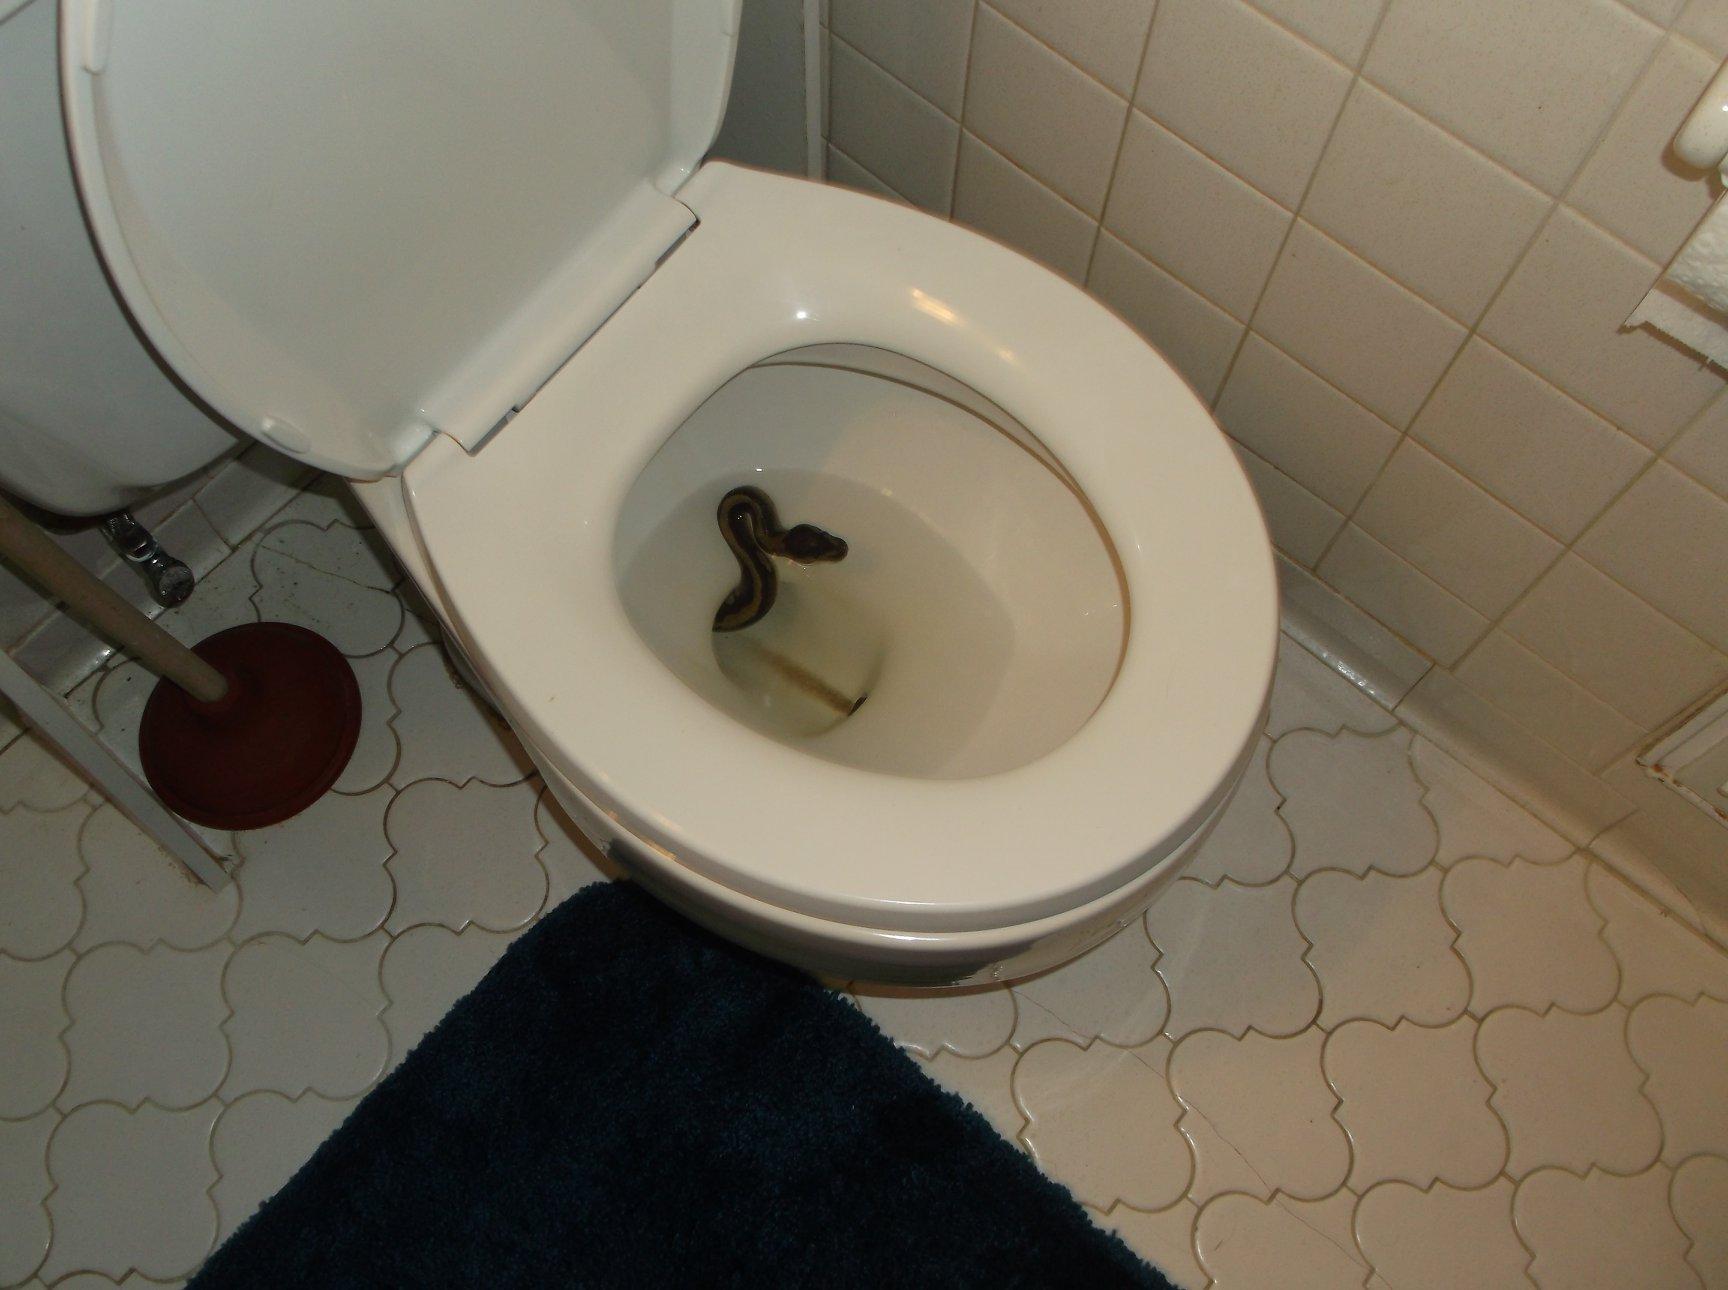 snake in toilet_1532108502321.jpg-873703993.jpg